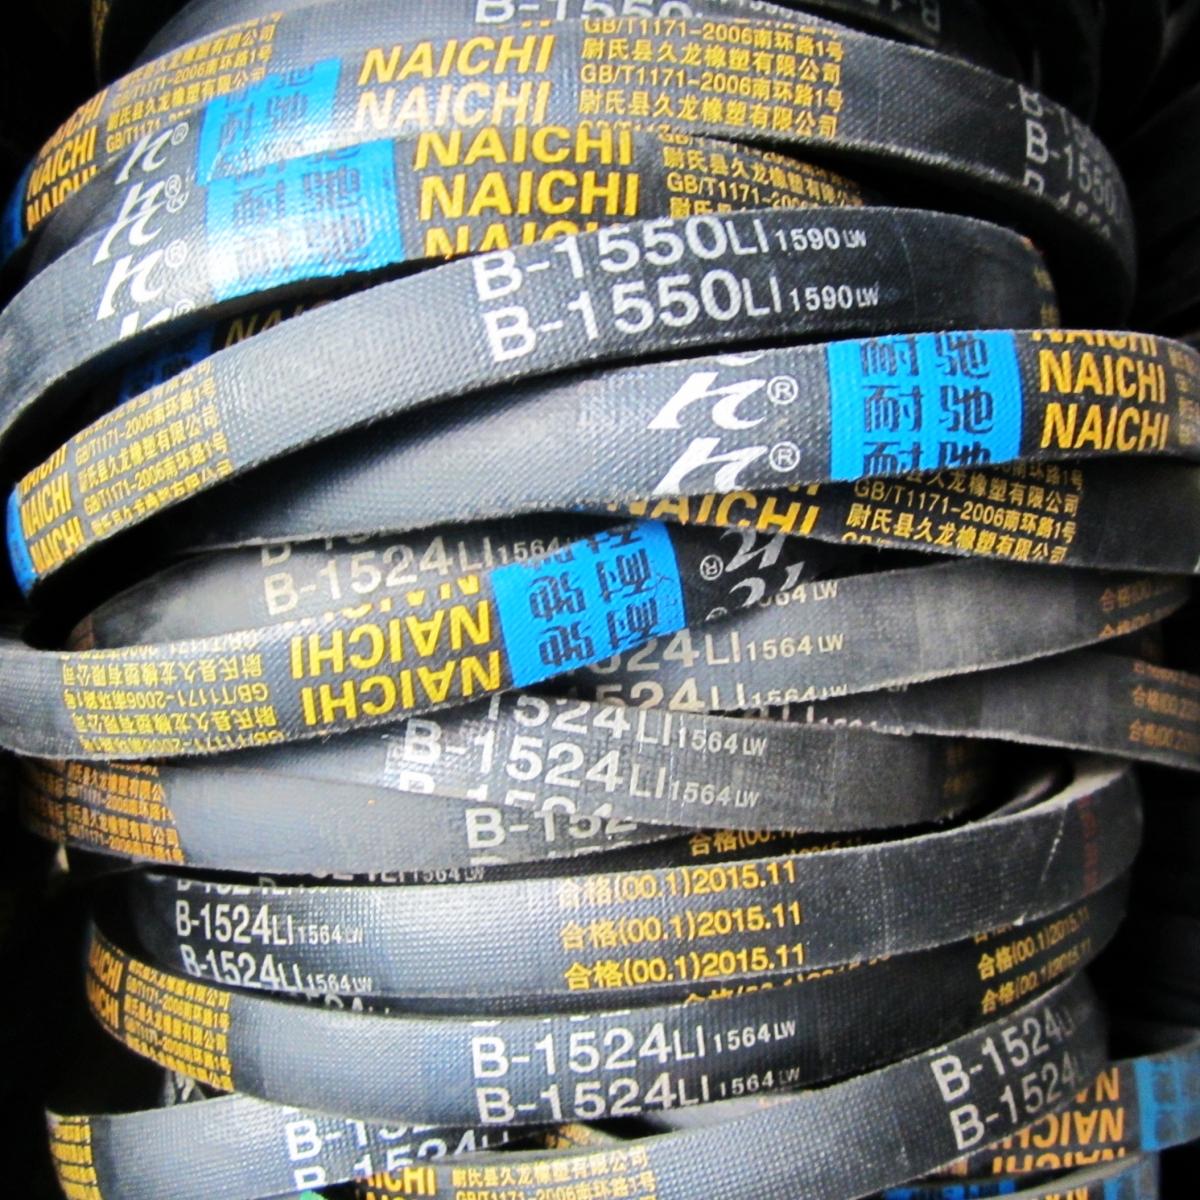 久龙耐驰สายพานอุตสาหกรรมสายพาน 1240124512501270128012951300 B ประเภท